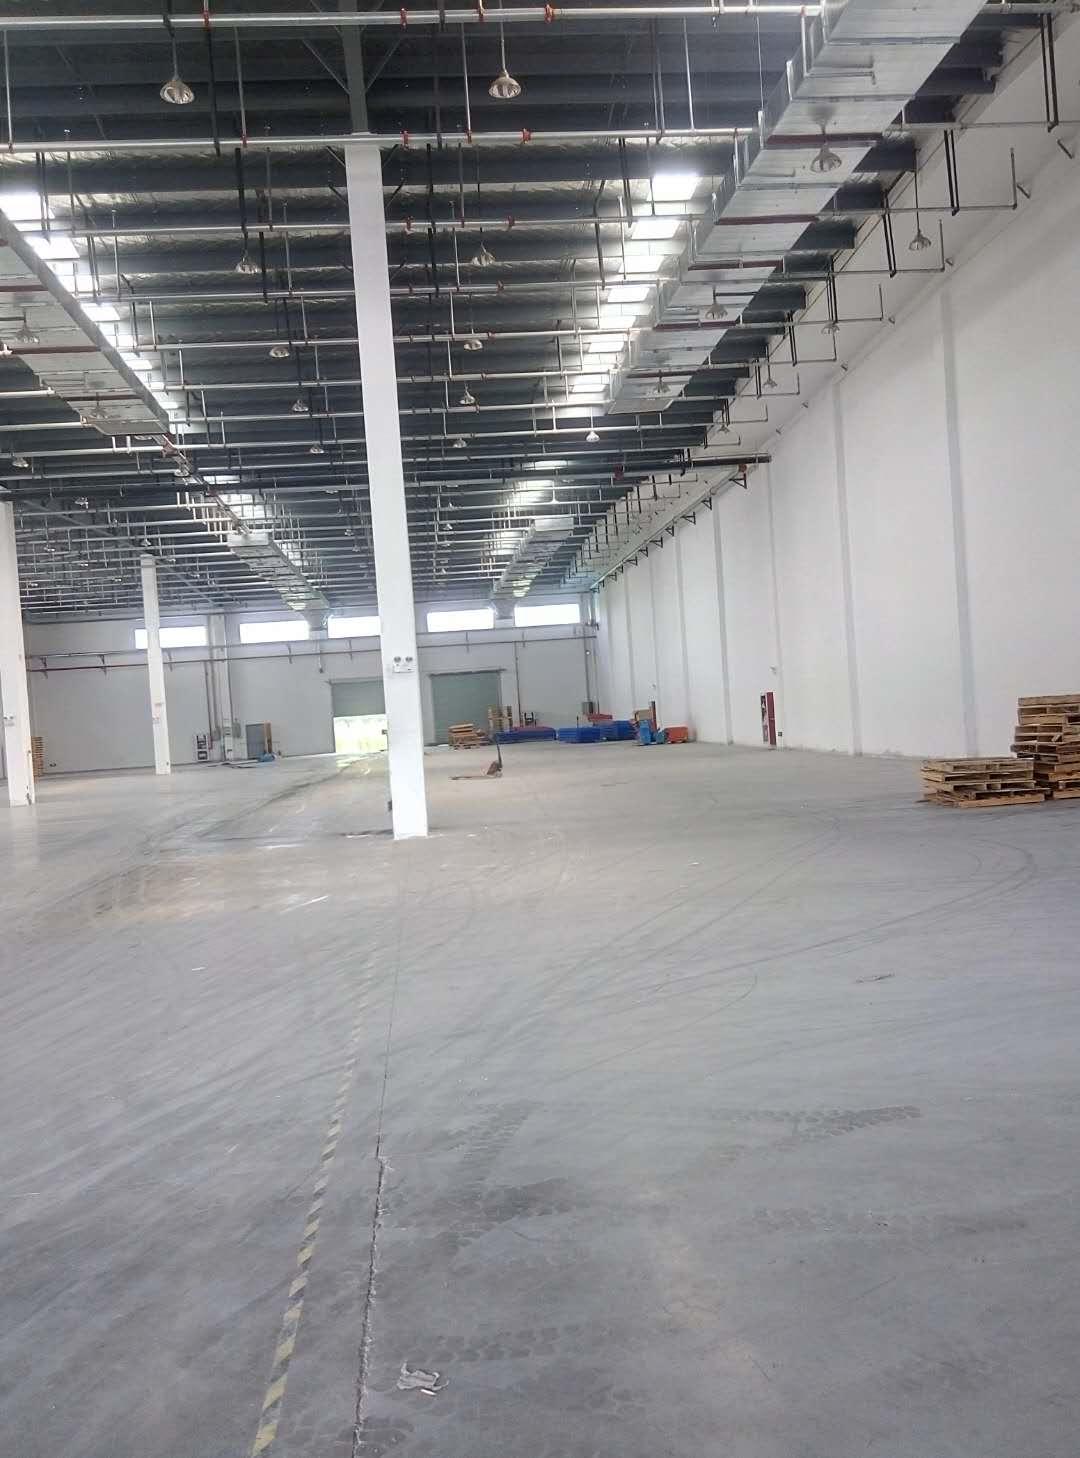 锡山区附近高平台全单层厂房仓库出租